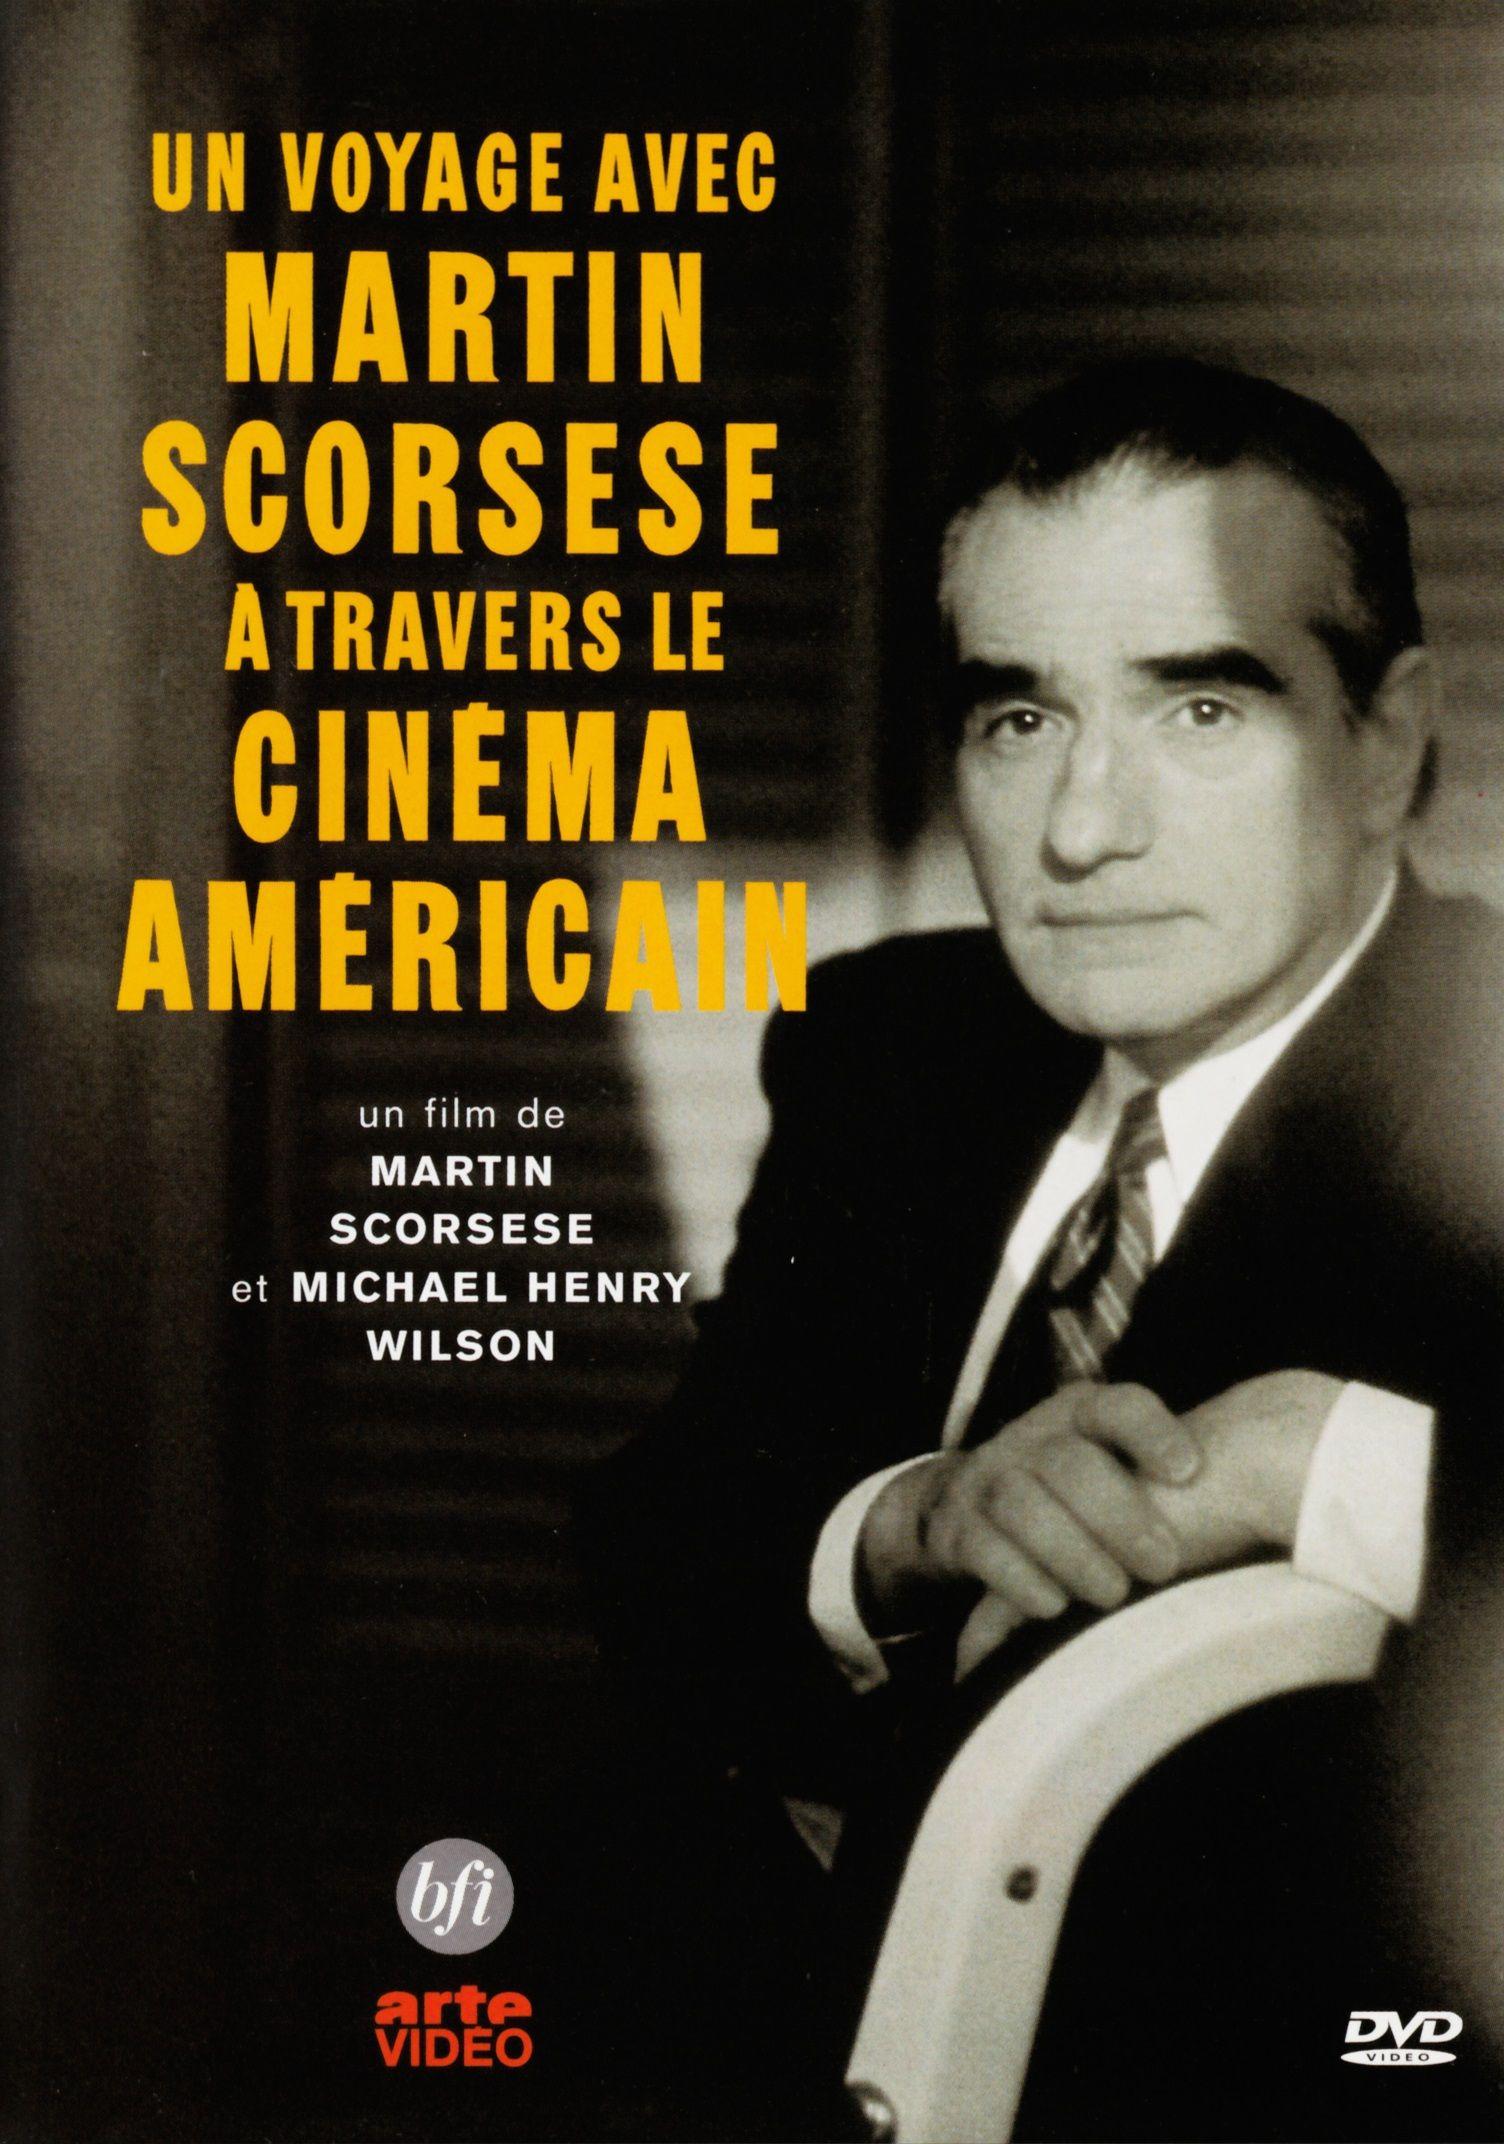 Dvd Doc 273 Un Voyage Avec Martin Scorsese A Tavers Le Cinema Americain 1995 Reino Unido Dir Martin Scorsese E M Martin Scorsese Documentales Reino Unido